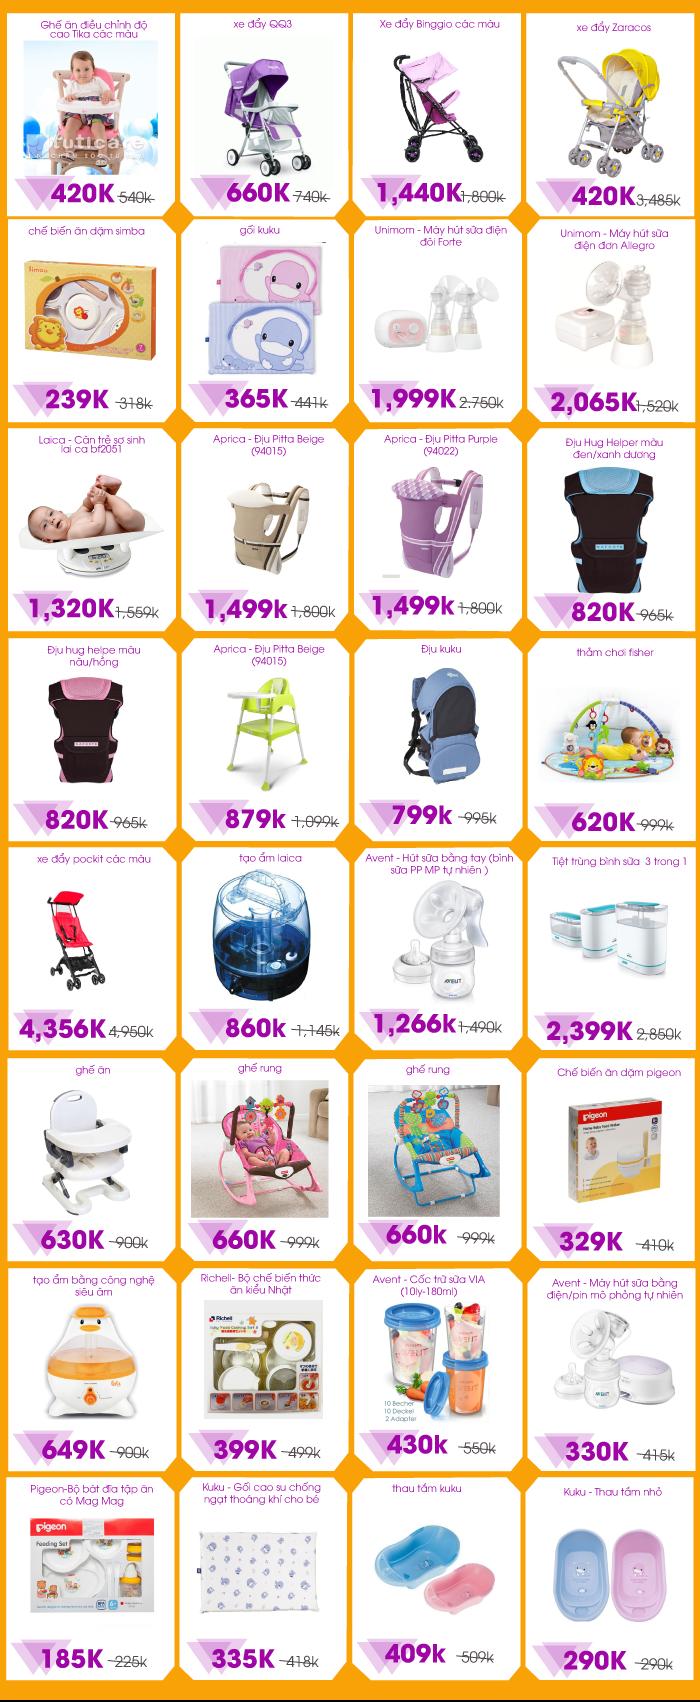 Giá Tốt Online Tháng 5